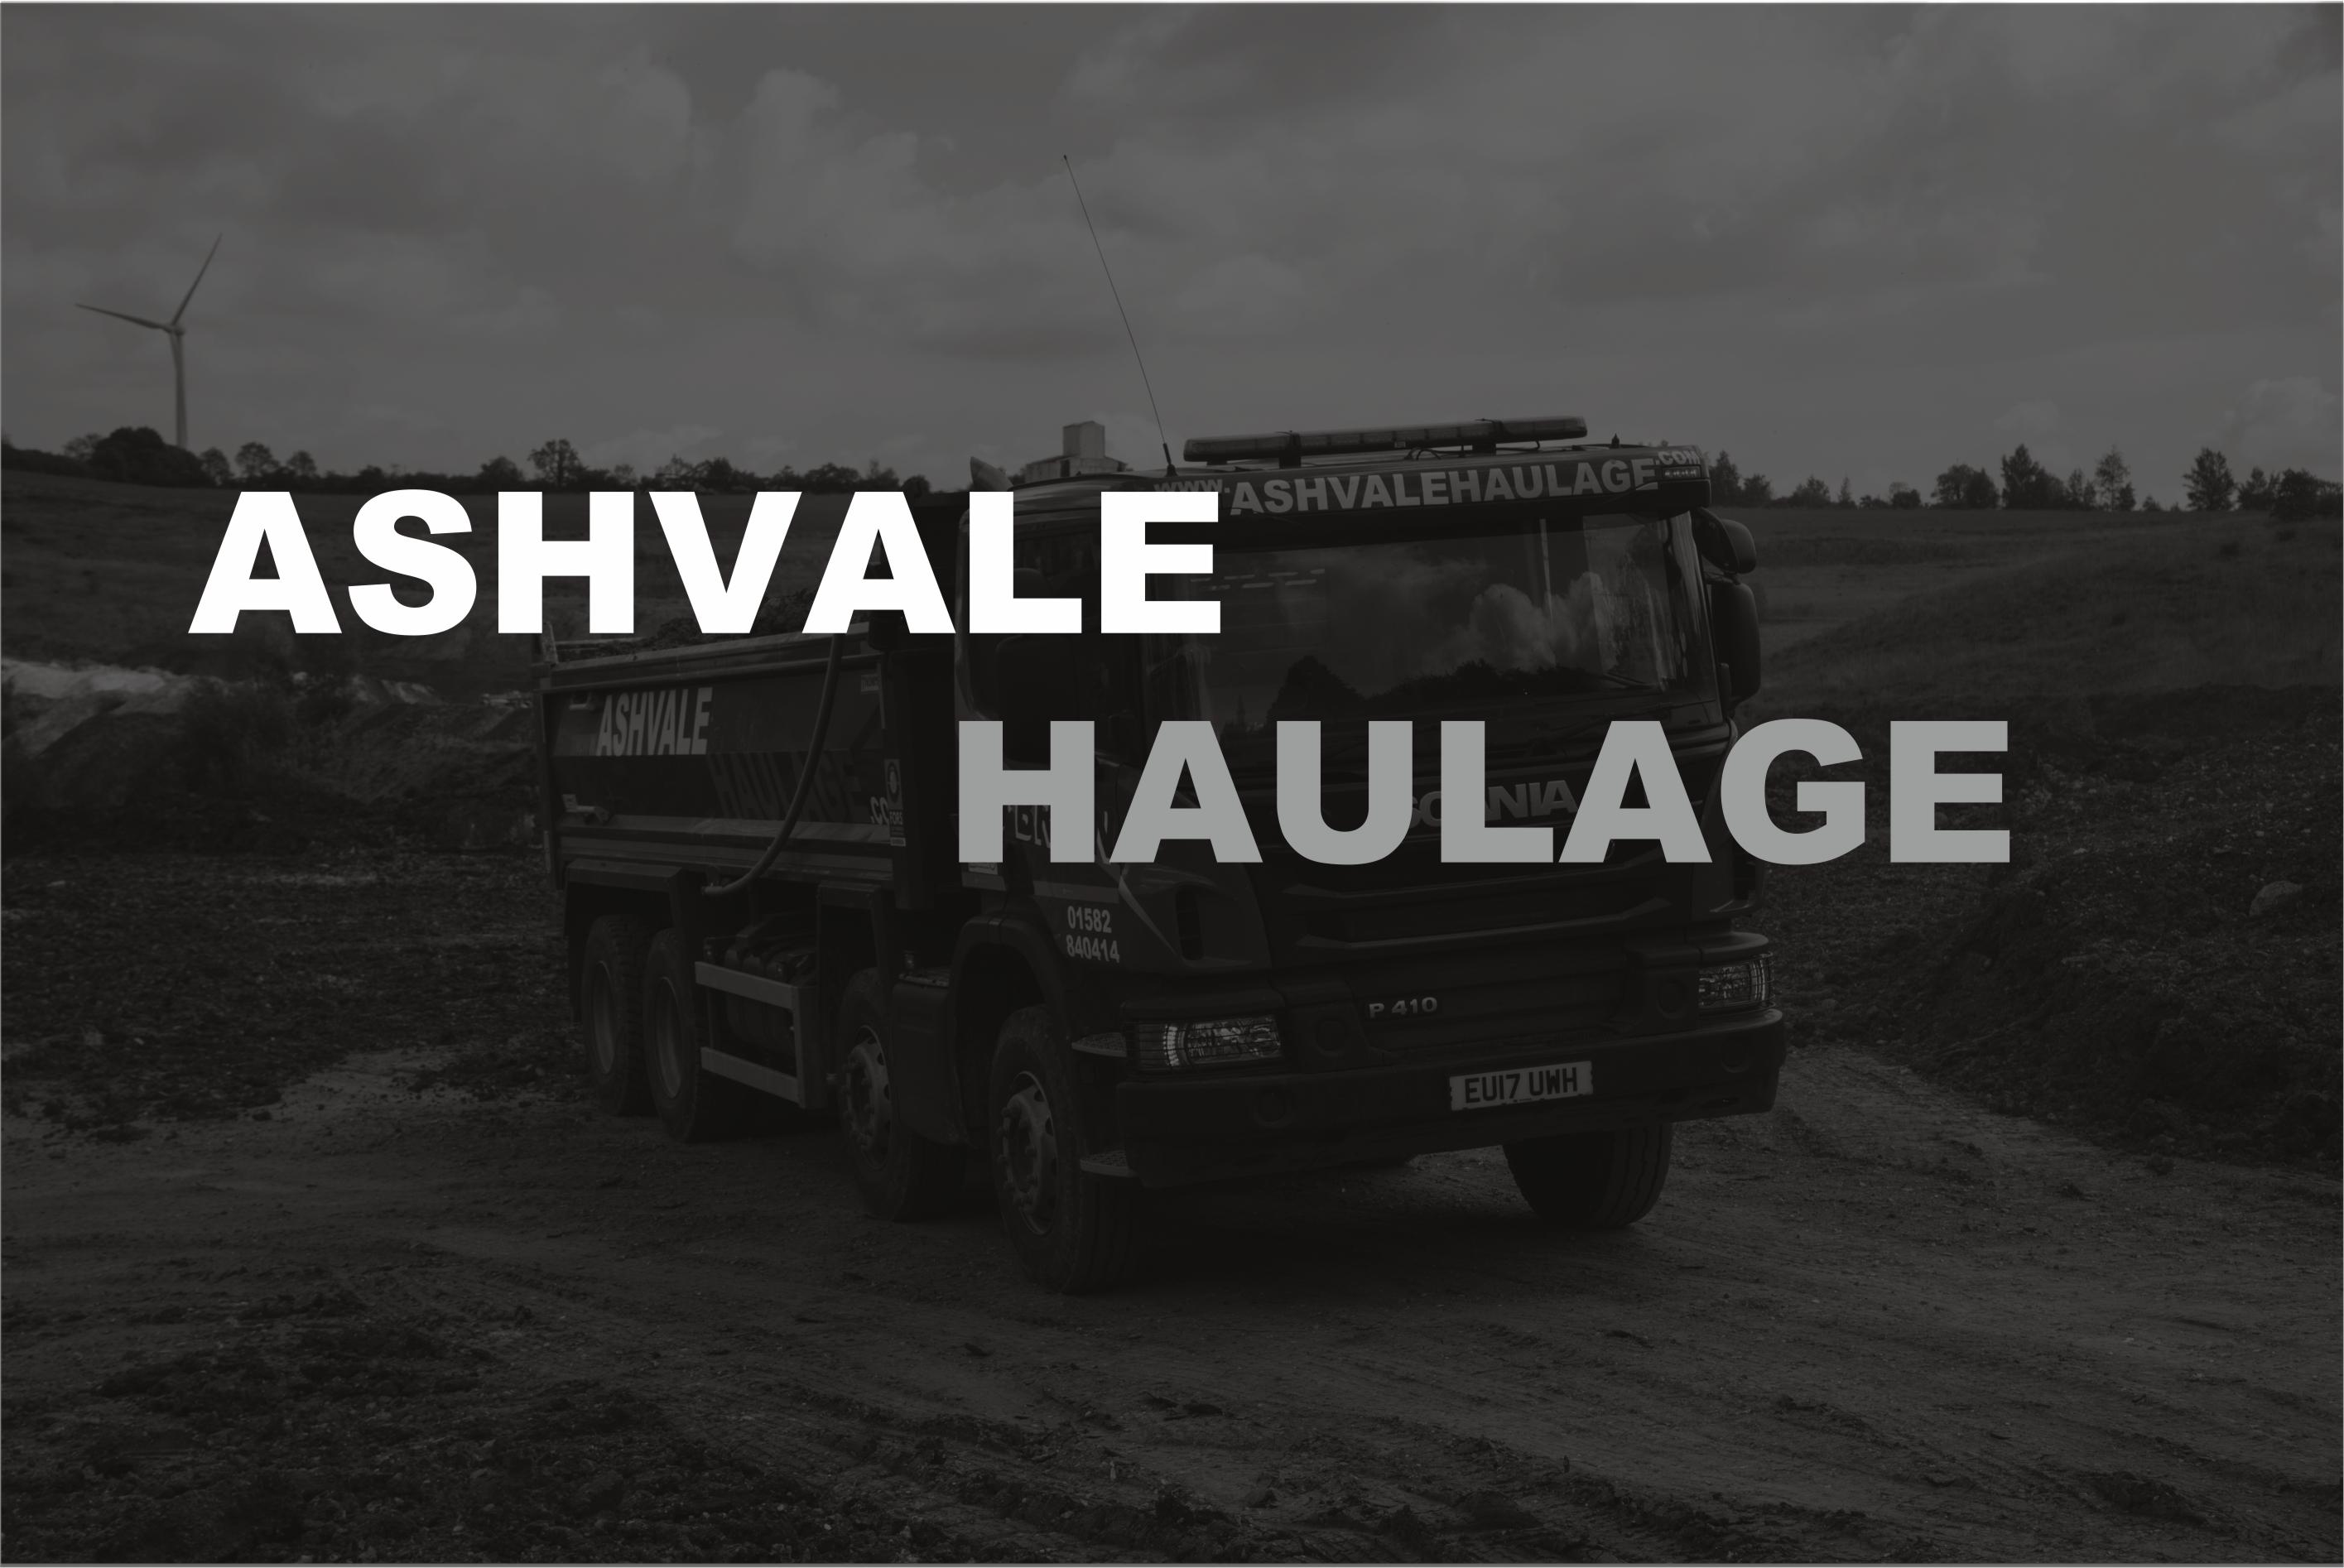 Ashvale Haulage